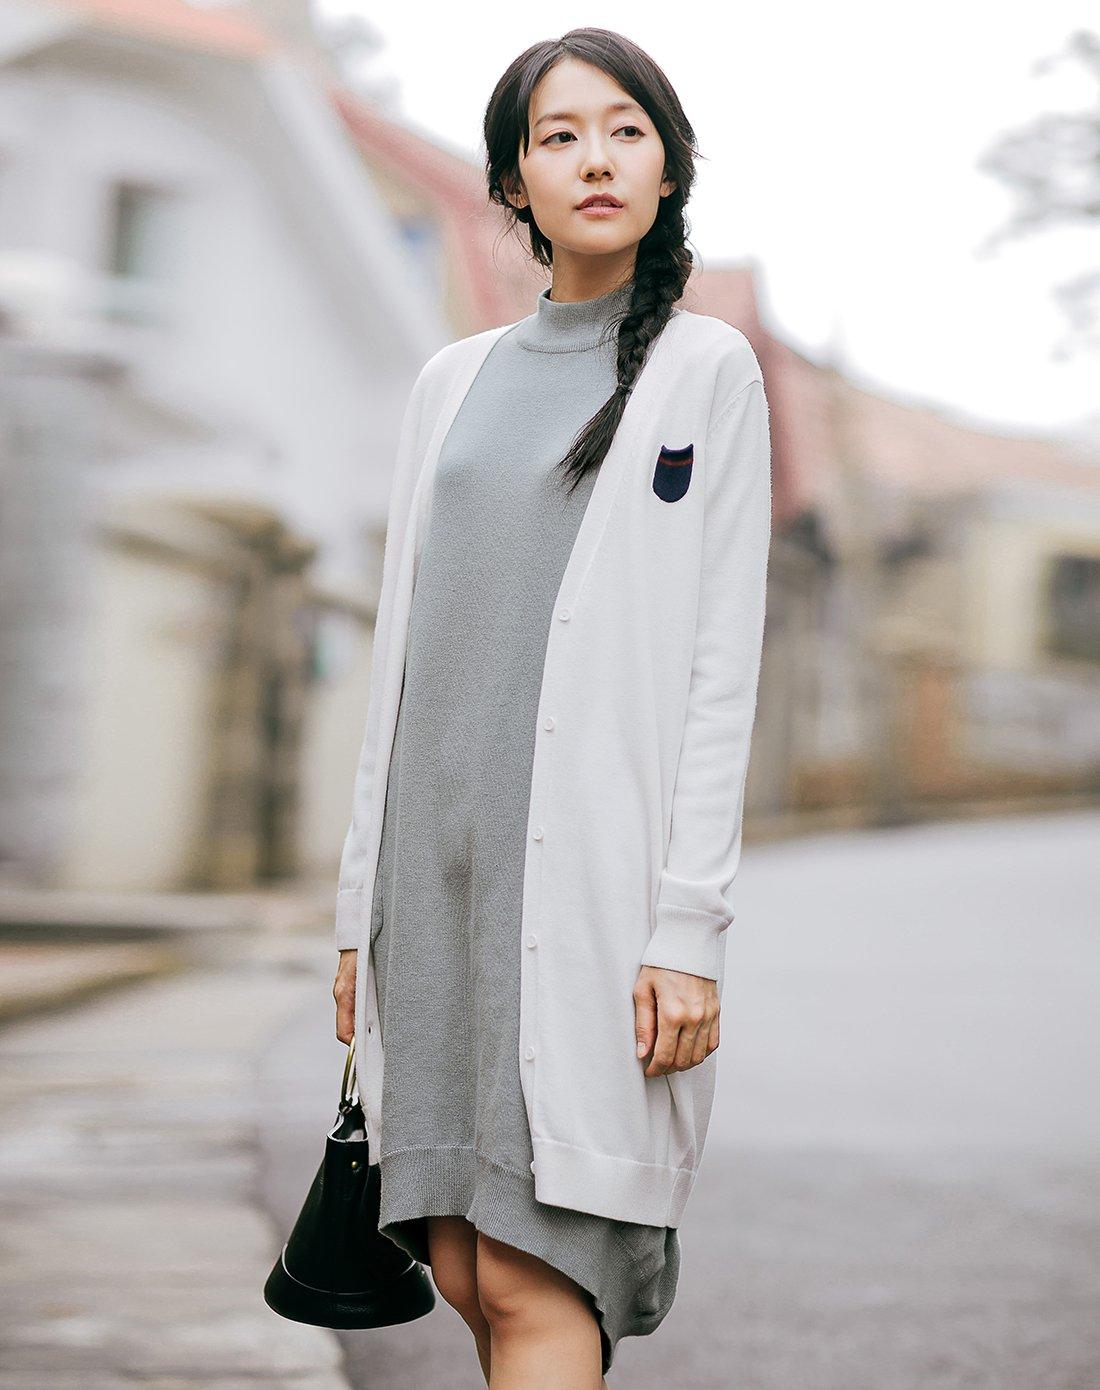 茵曼秋装女款文艺优雅单排扣开衫V领罗纹下摆素雅简洁女式毛衣1873131415HM188